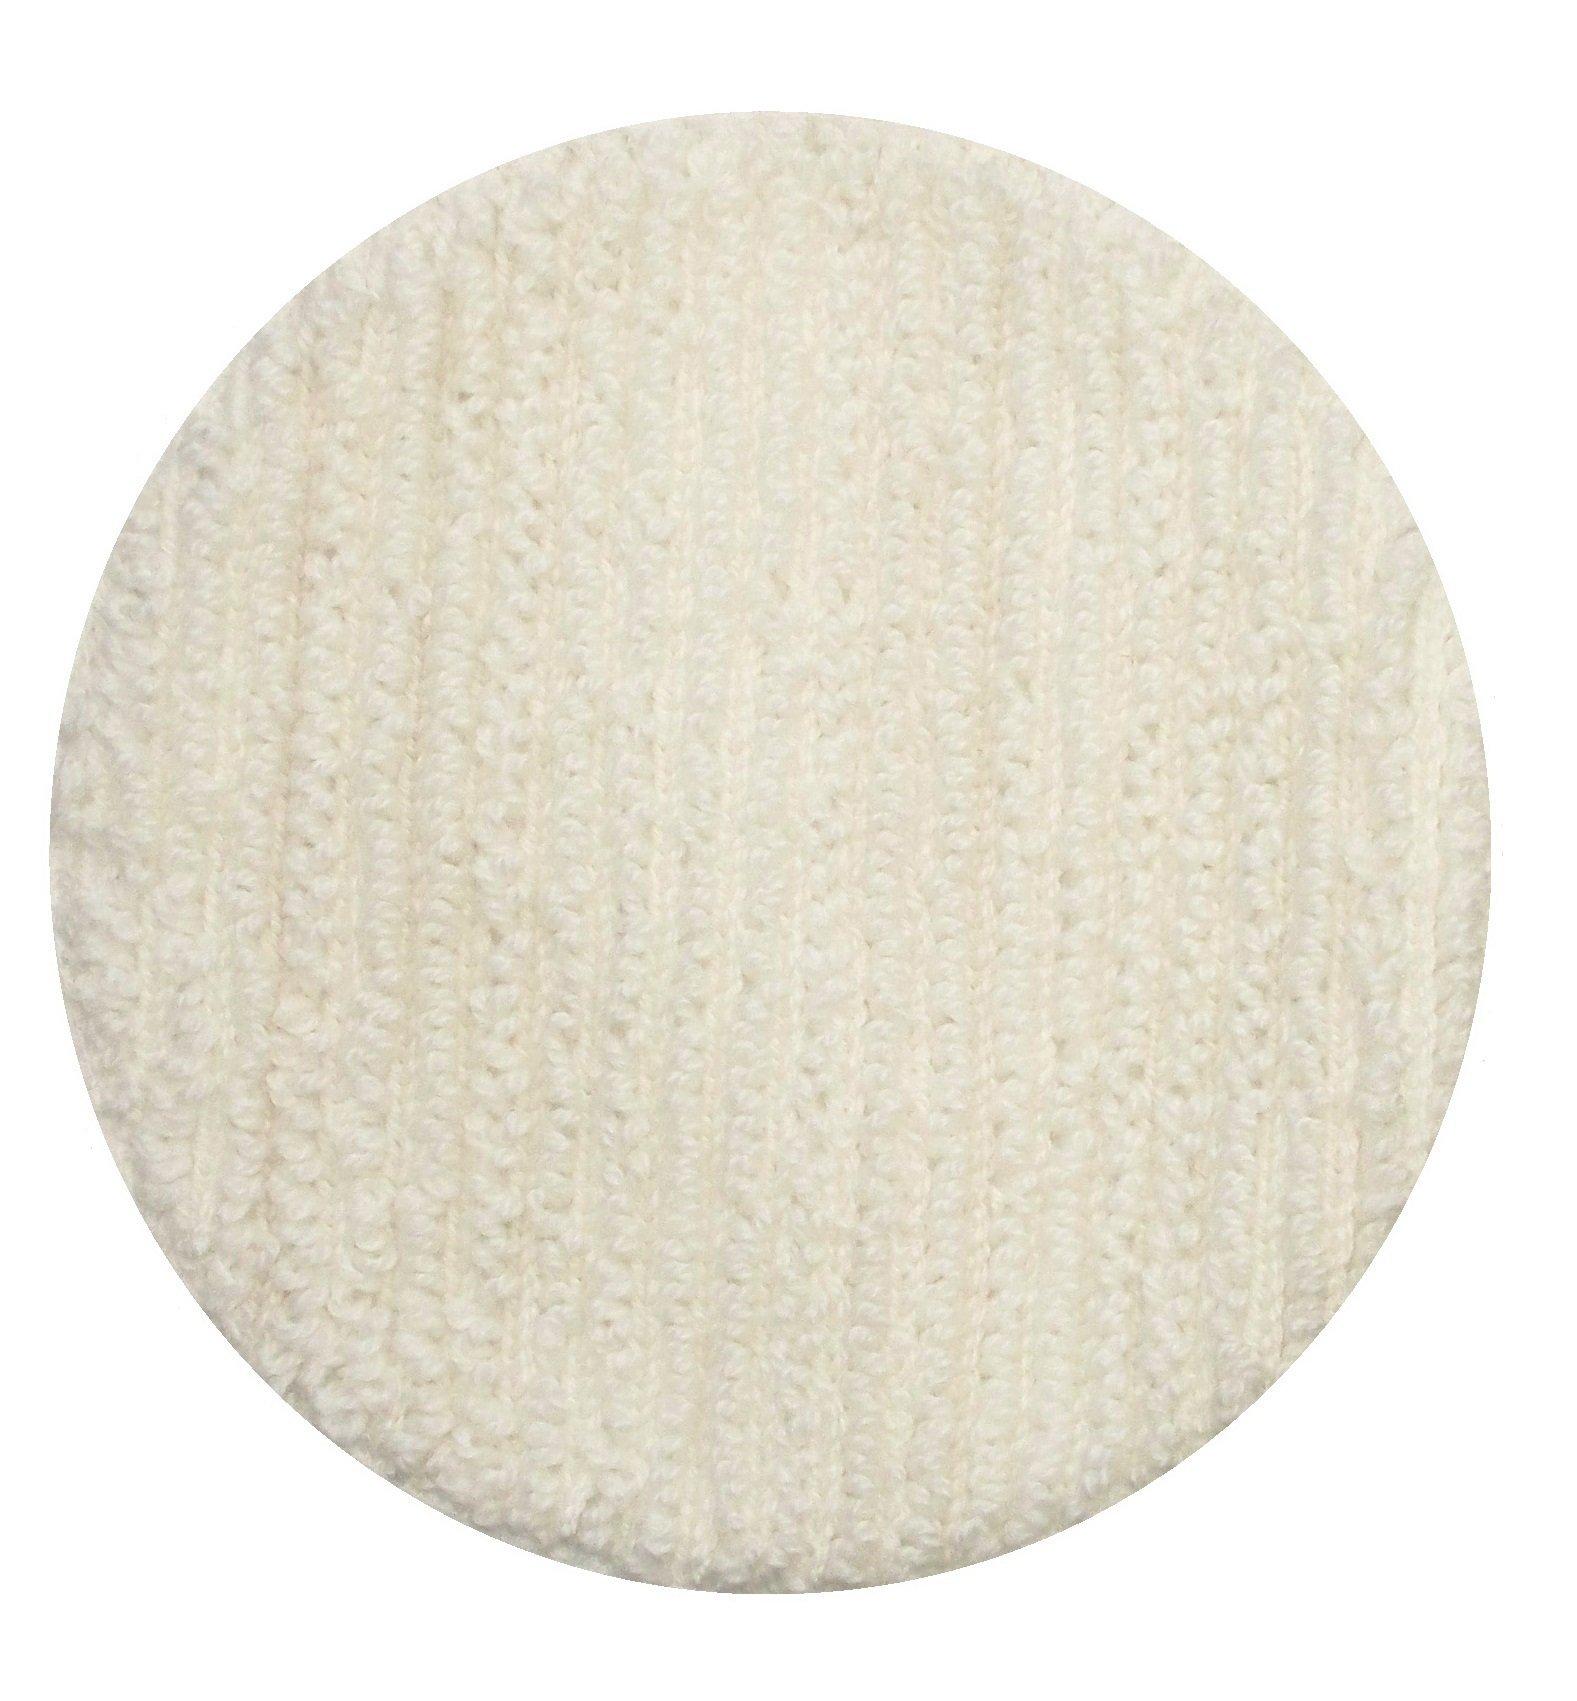 BISSELL BigGreen Commercial 437.053BG Carpet Bonnet for BGEM9000 Easy Motion Floor Machine, 12''